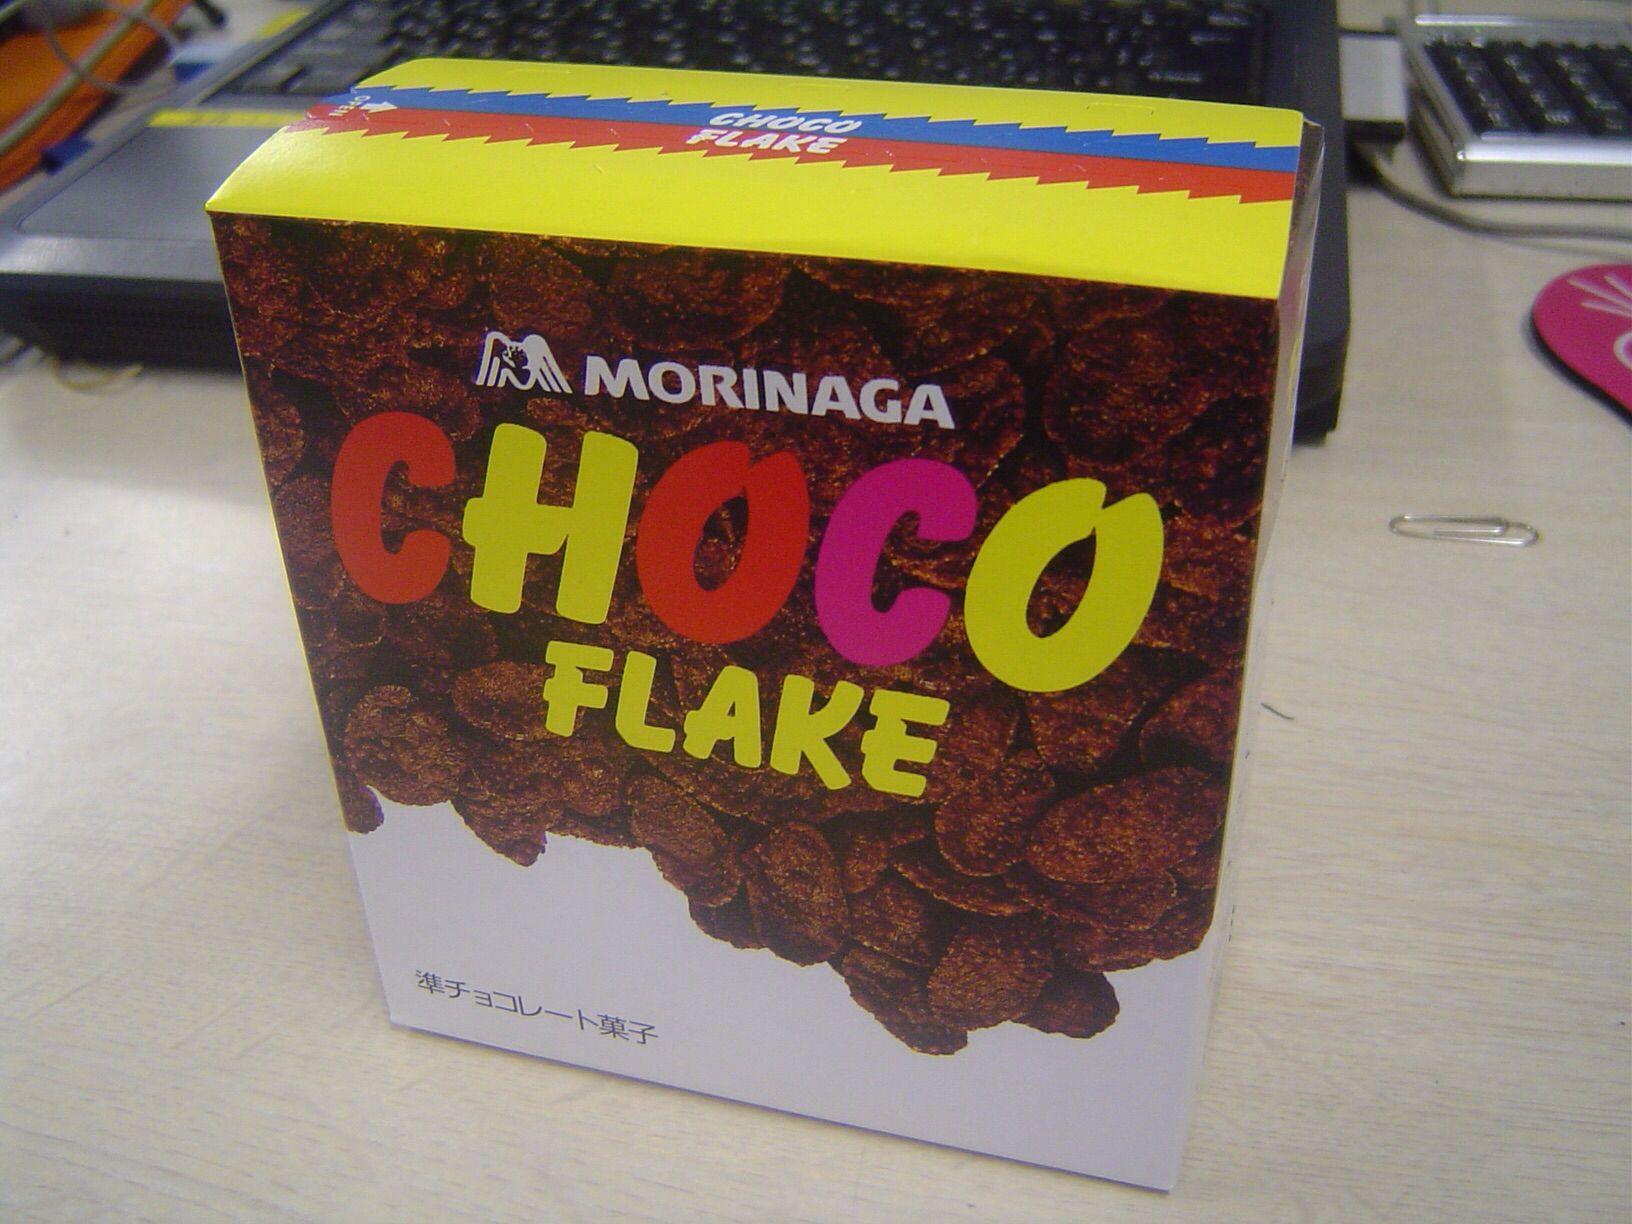 森永チョコフレーク そういえば昔は箱に入ってたな 懐かしいお菓子 チョコ フレーク 子供時代